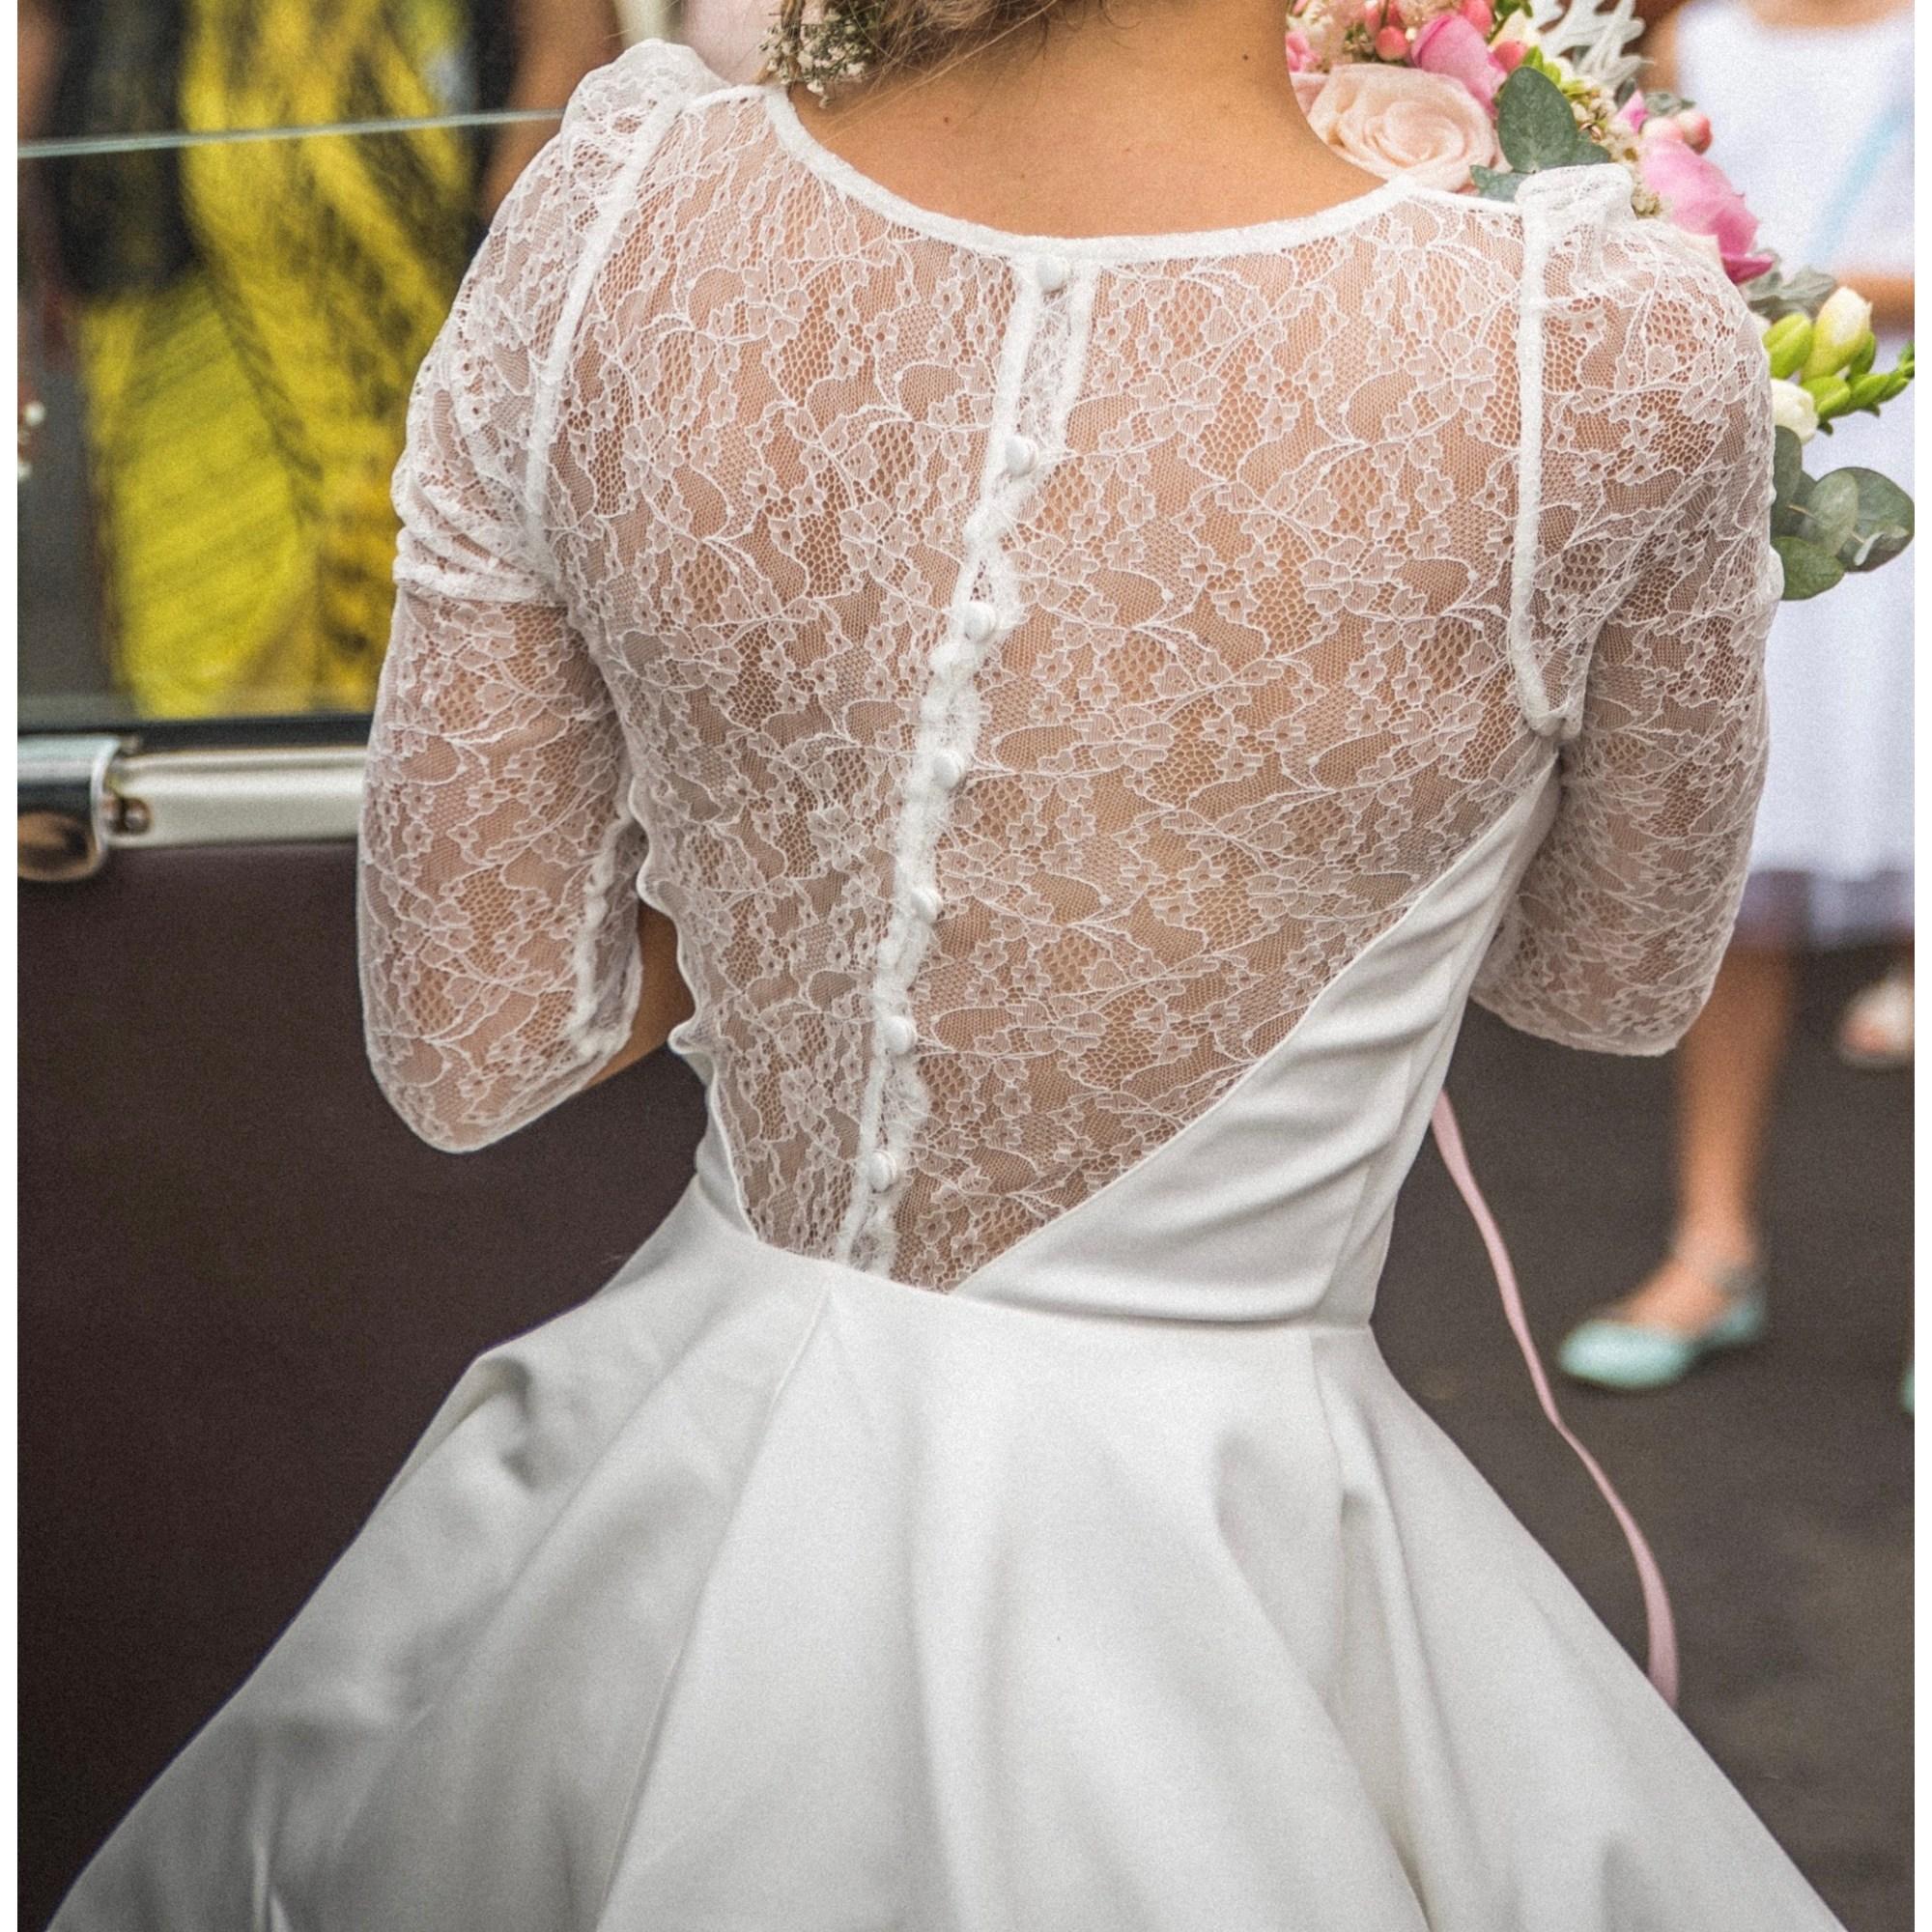 Robe De Mariee La Redoute 34 Xs T0 Blanc 7497598